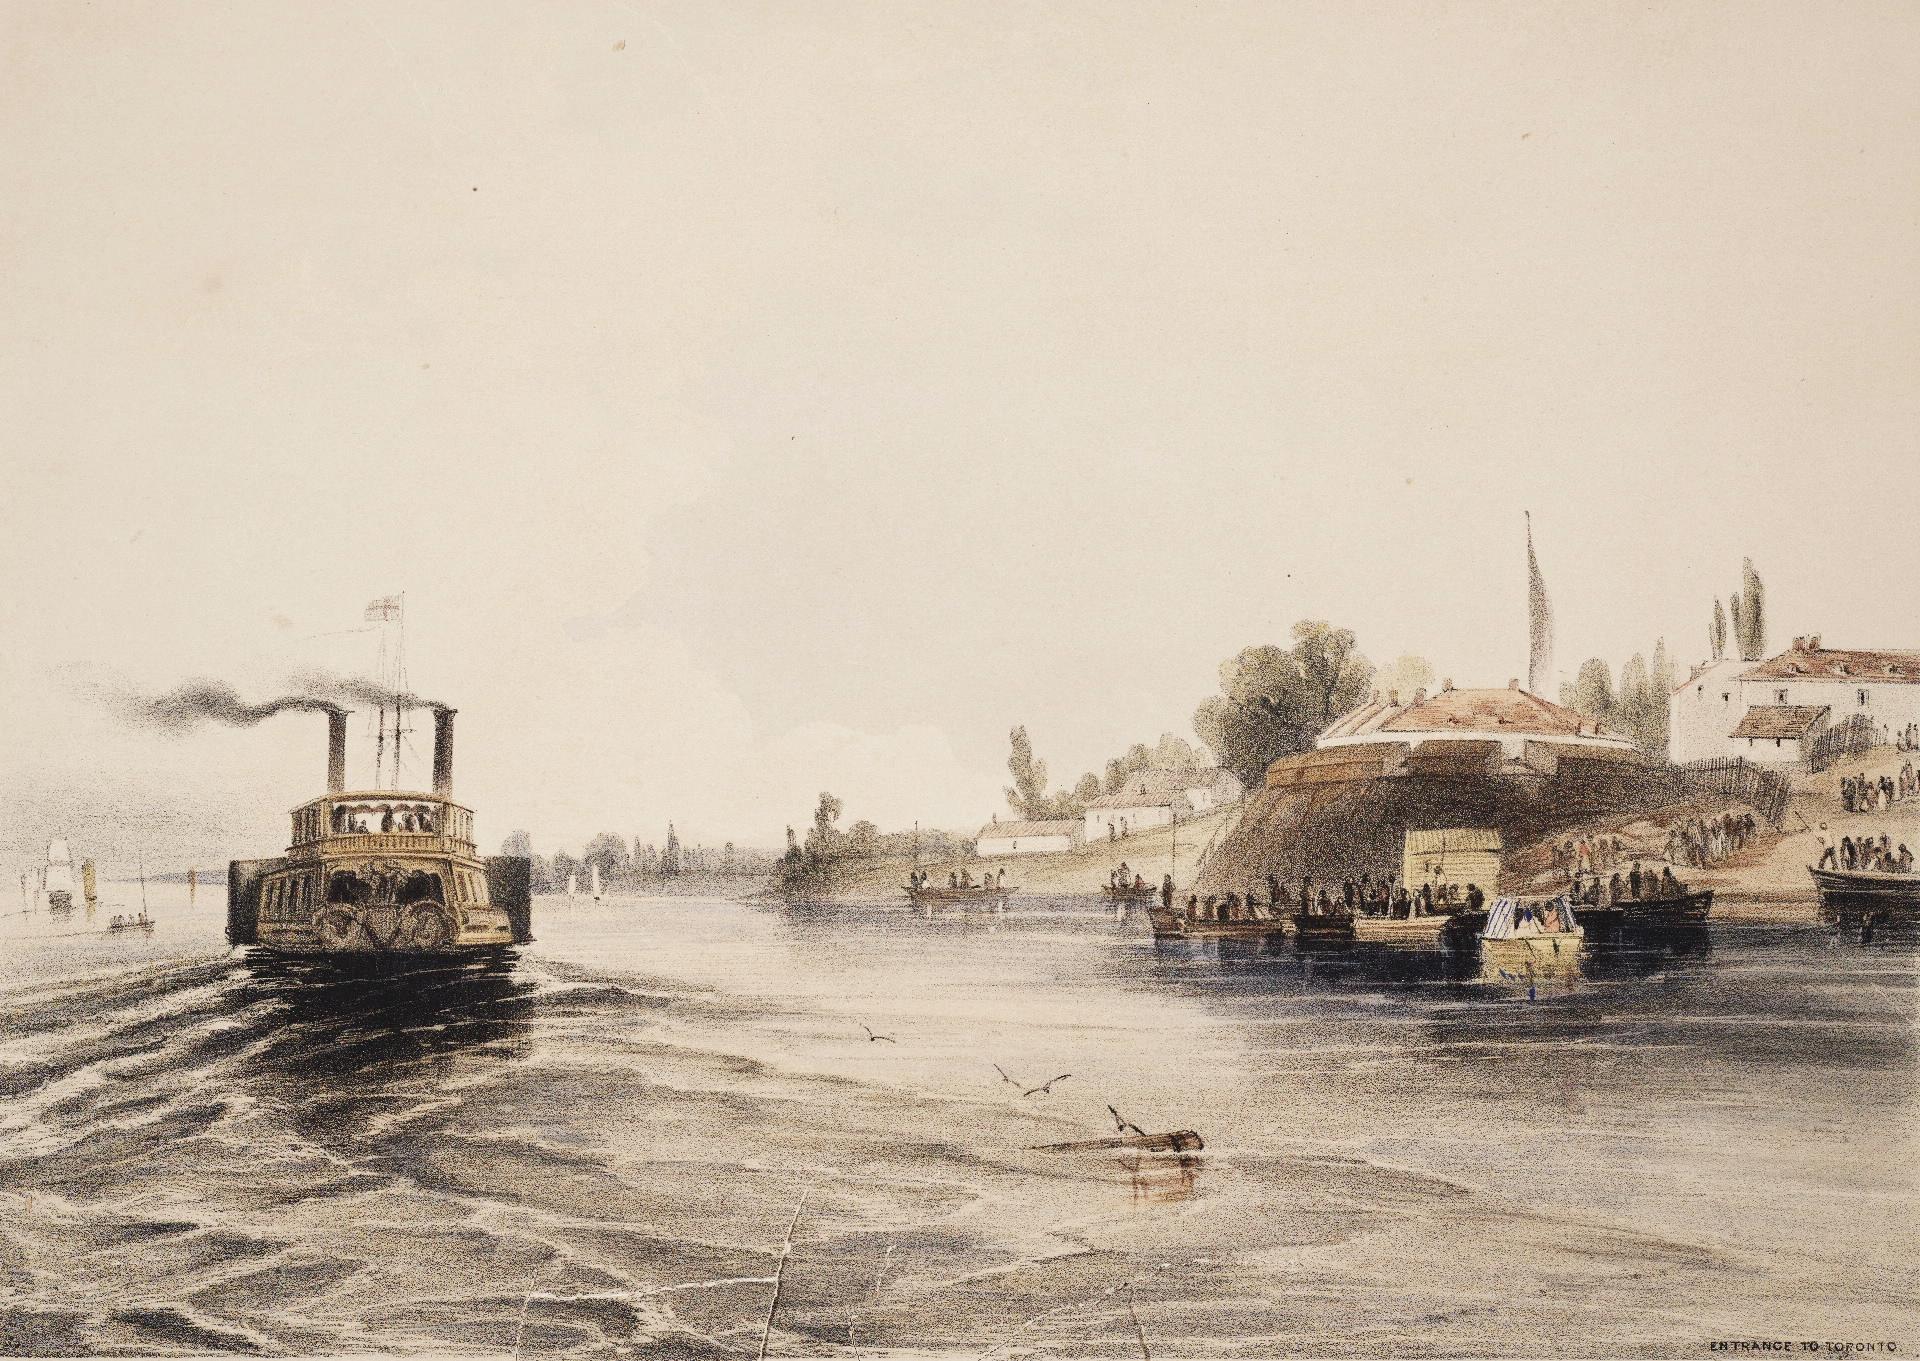 Une peinture au lavis teintée de rose d'un bateau à vapeur avec deux cheminées qui passe une fortification sur la rive droite laissant un sillage derrière lui.